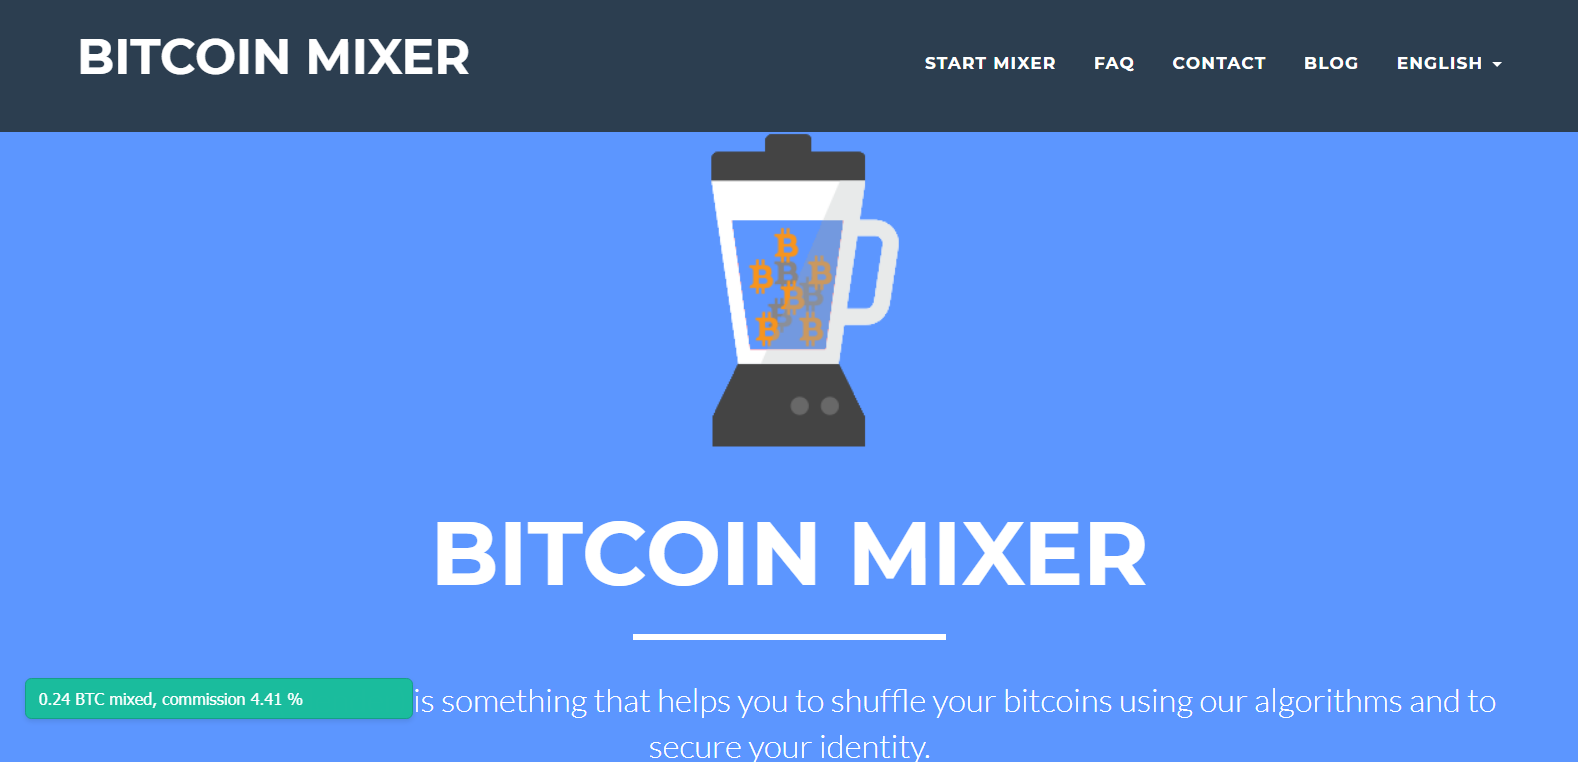 btc-mixer